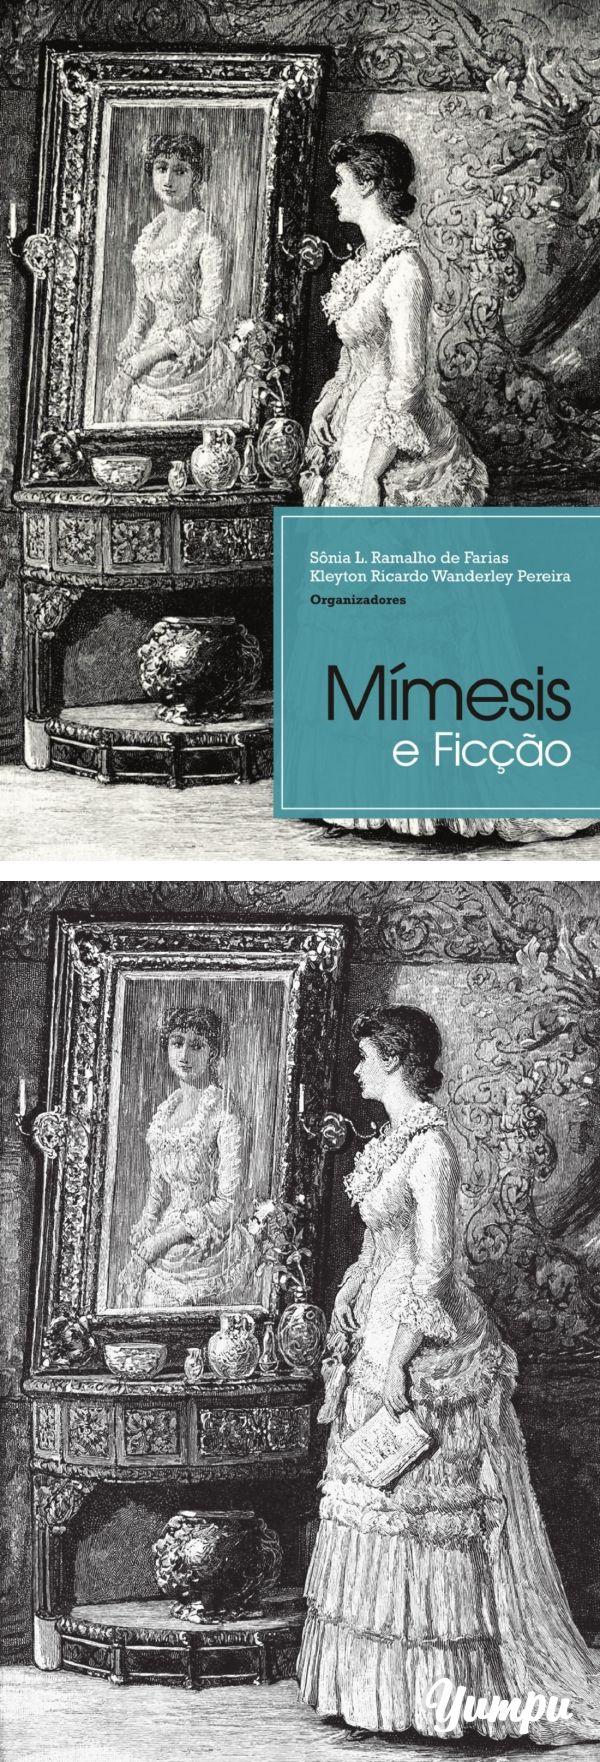 download da versão em pdf - Magazine with 400 pages: download da versão em pdf